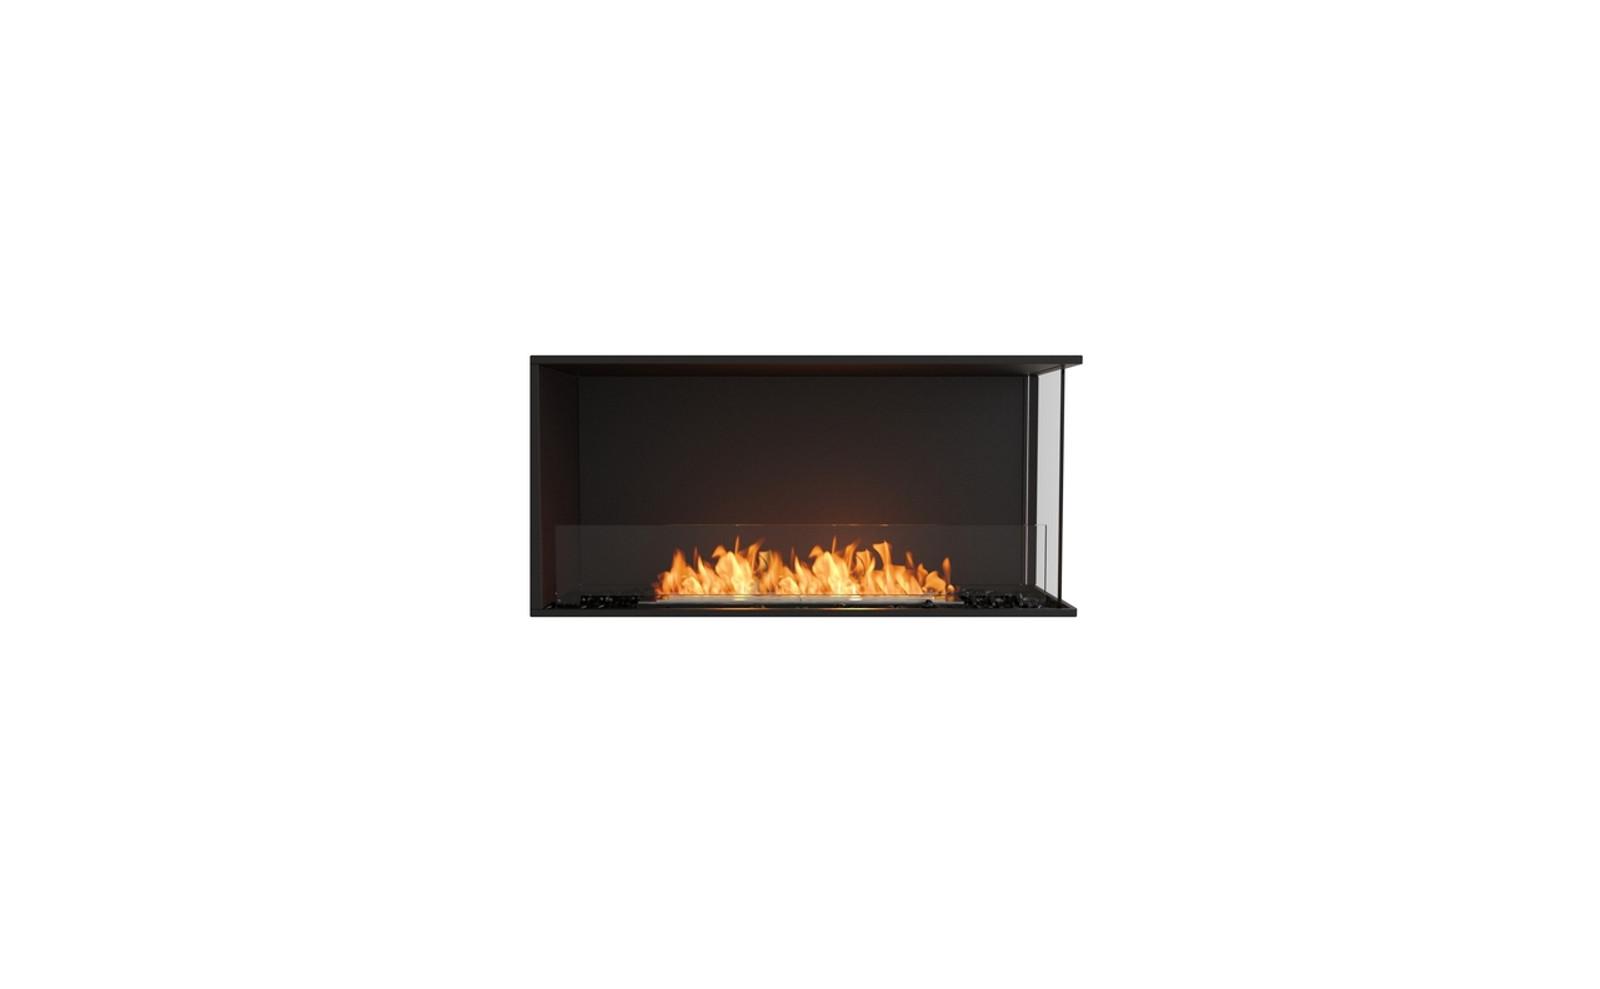 Flex Right Corner - All Flame